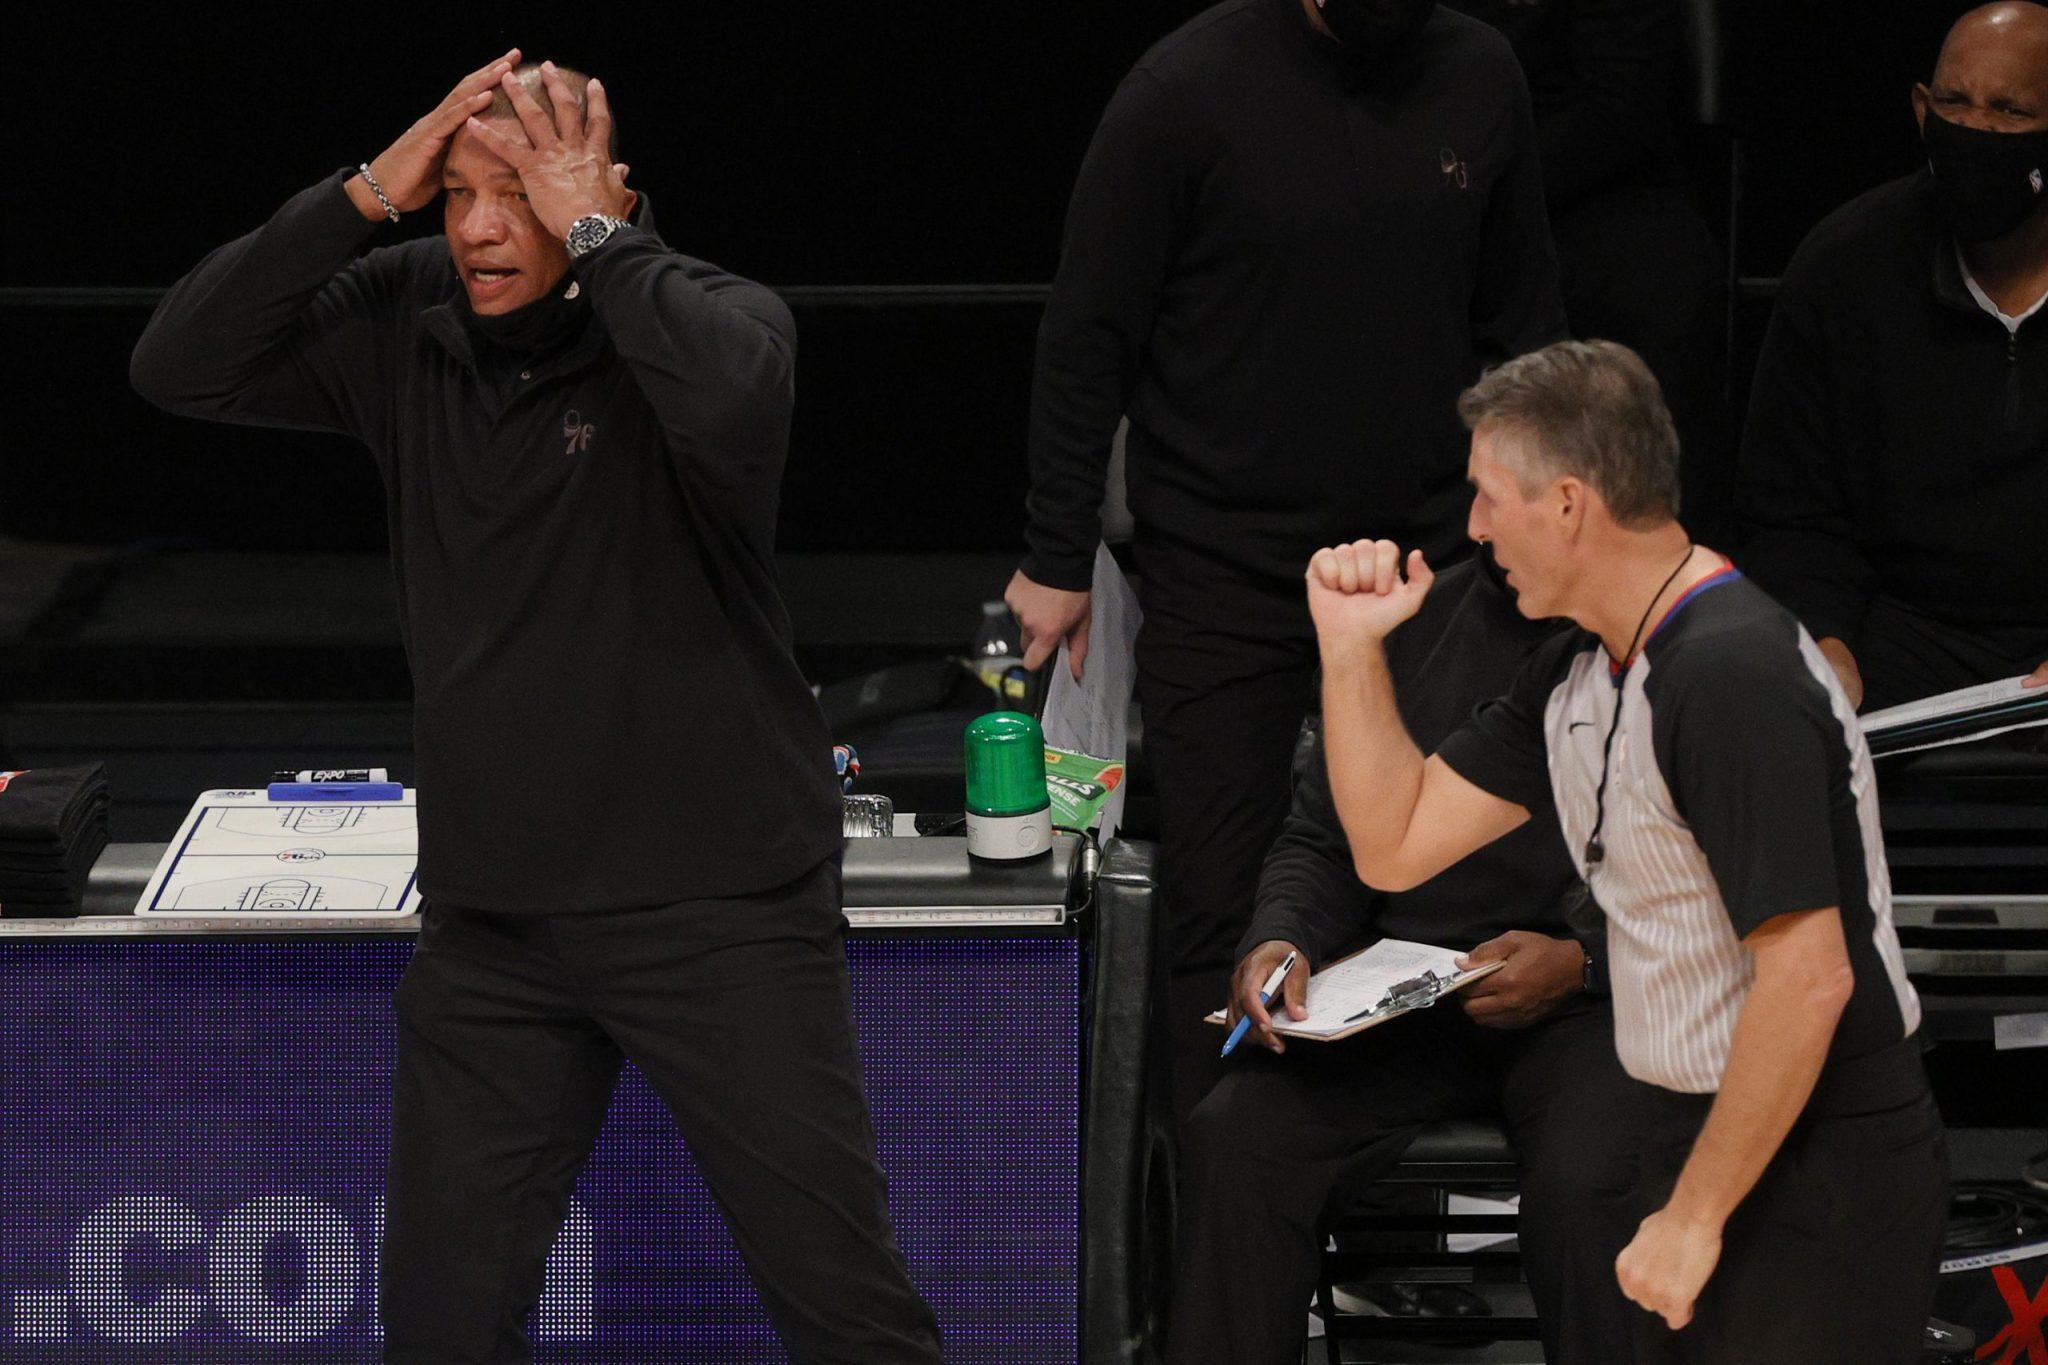 Los Sixers jugaron con solo 7 jugadores. Te explicamos la situación y el protocolo